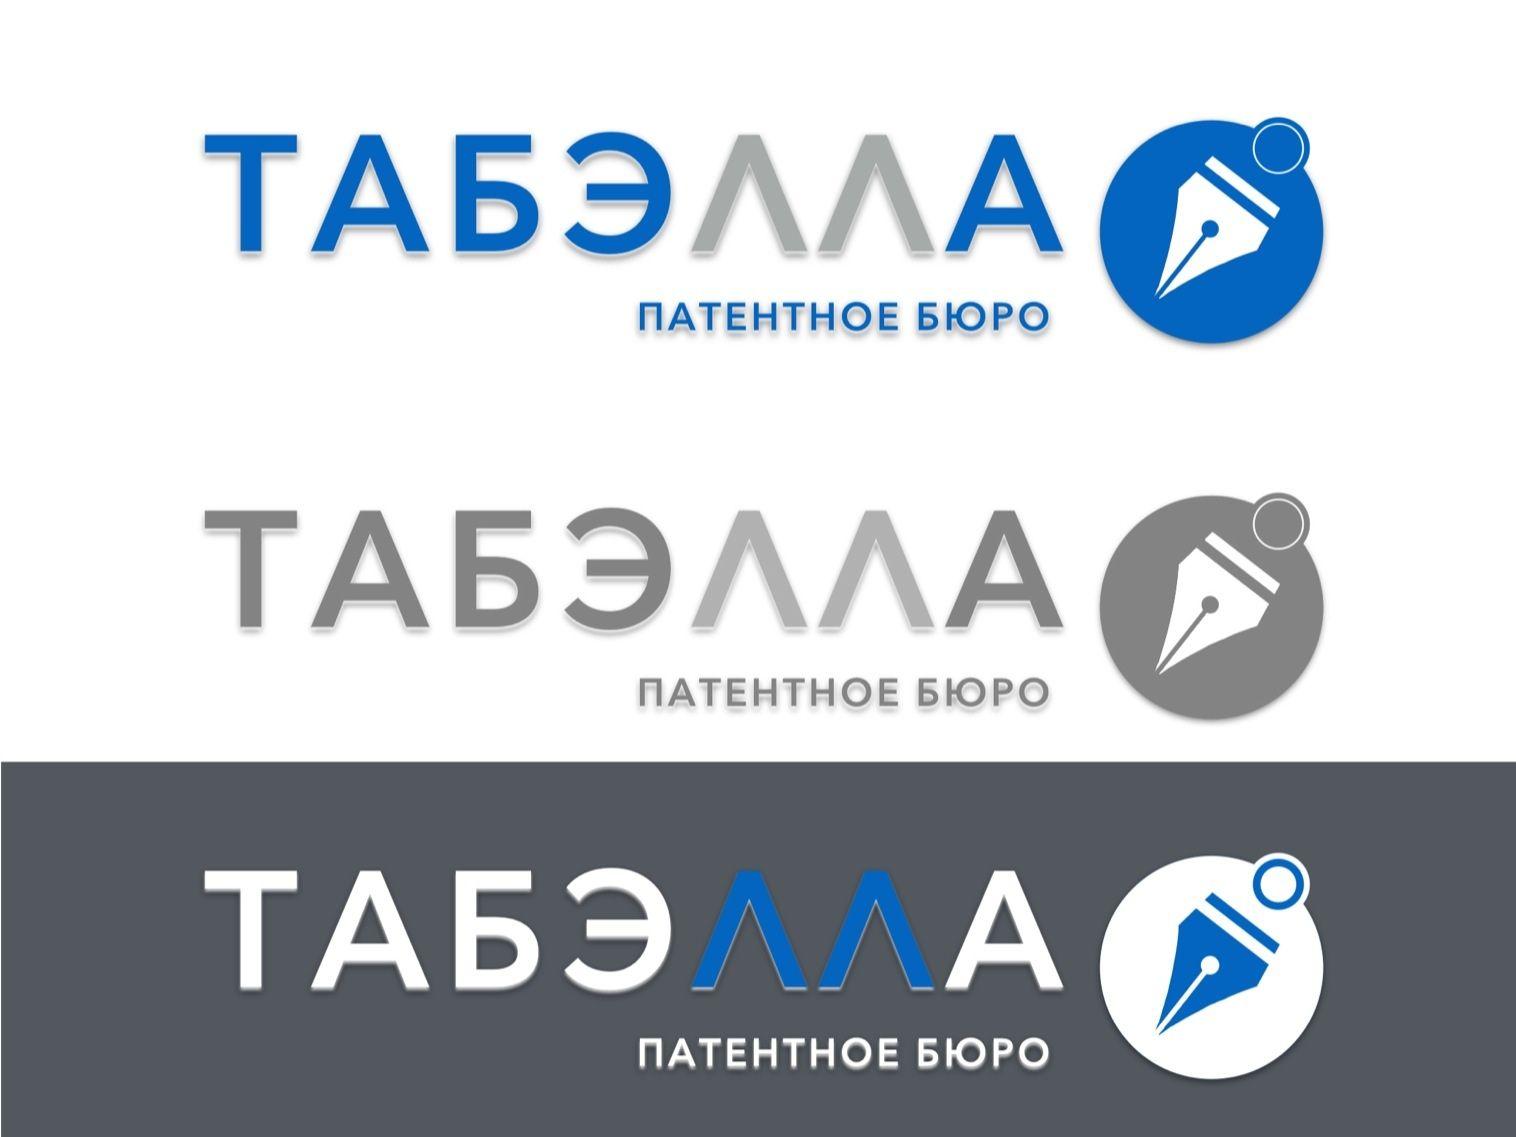 Сделать flat & simple логотип юридической компании - дизайнер Lellam